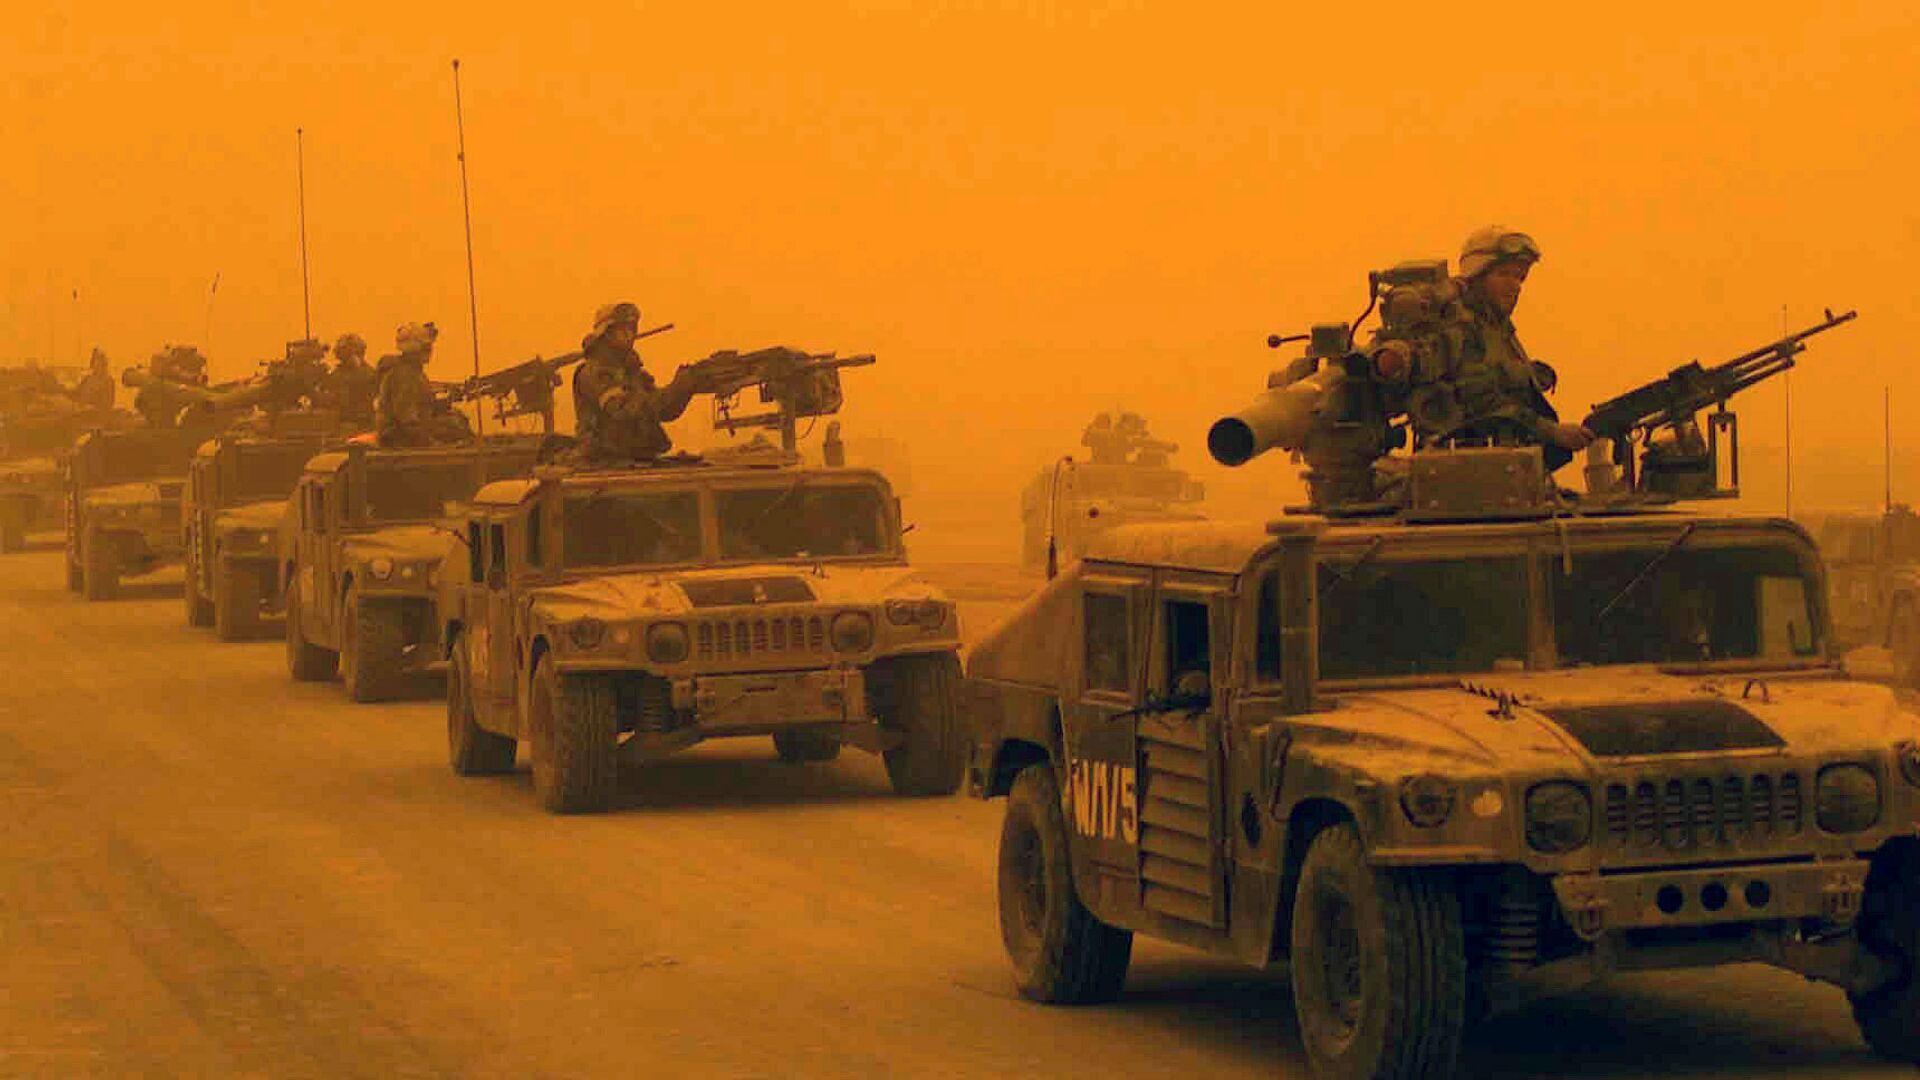 1-й разведывательно-дозорный батальон 1-й дивизии морской пехоты США в Ираке - РИА Новости, 1920, 17.11.2020